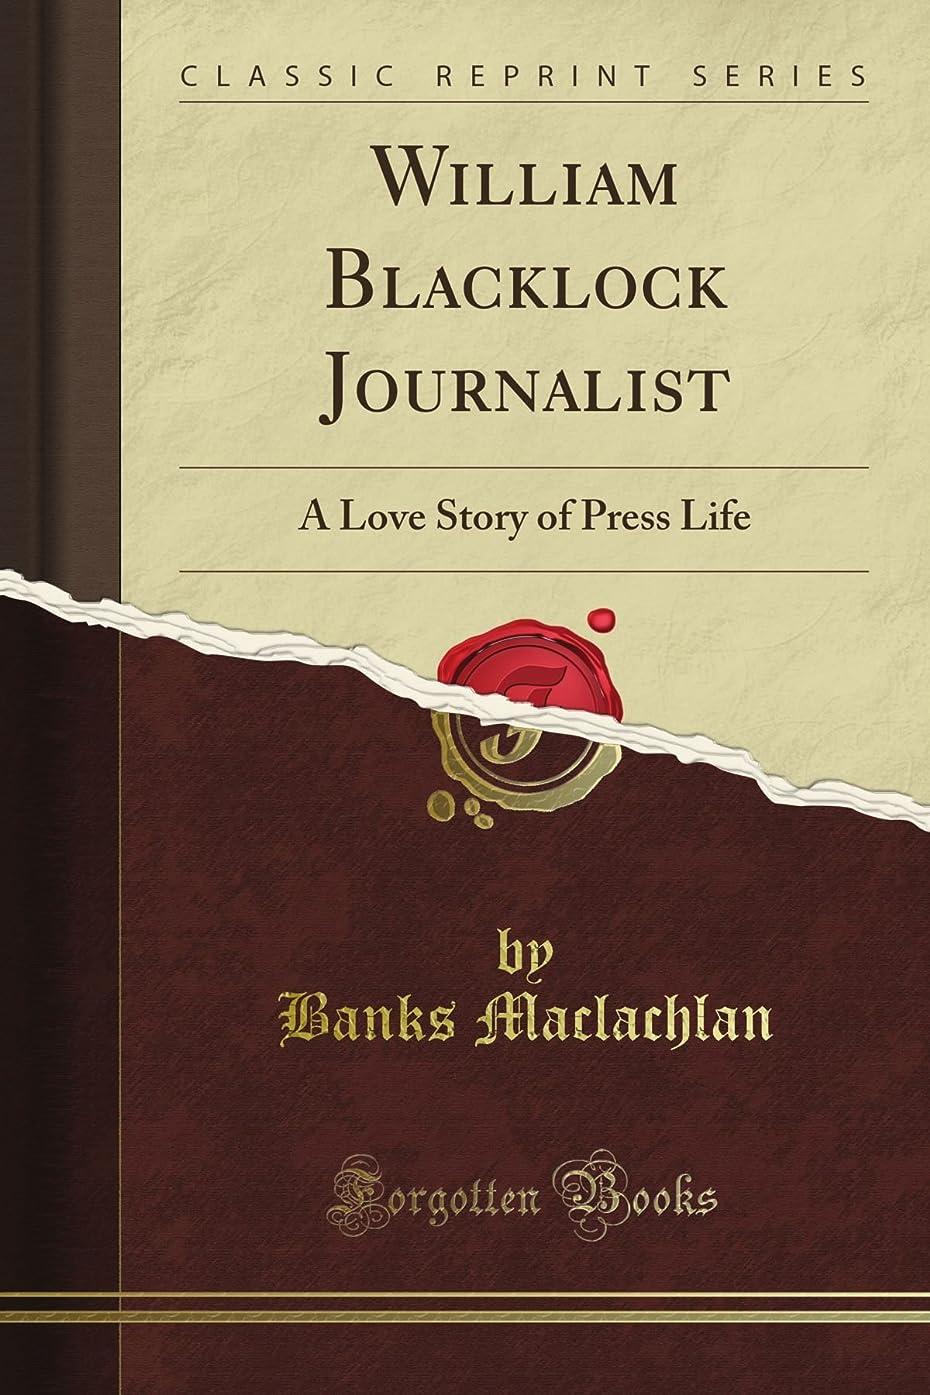 マーチャンダイザー熱意敬William Blacklock Journalist: A Love Story of Press Life (Classic Reprint)